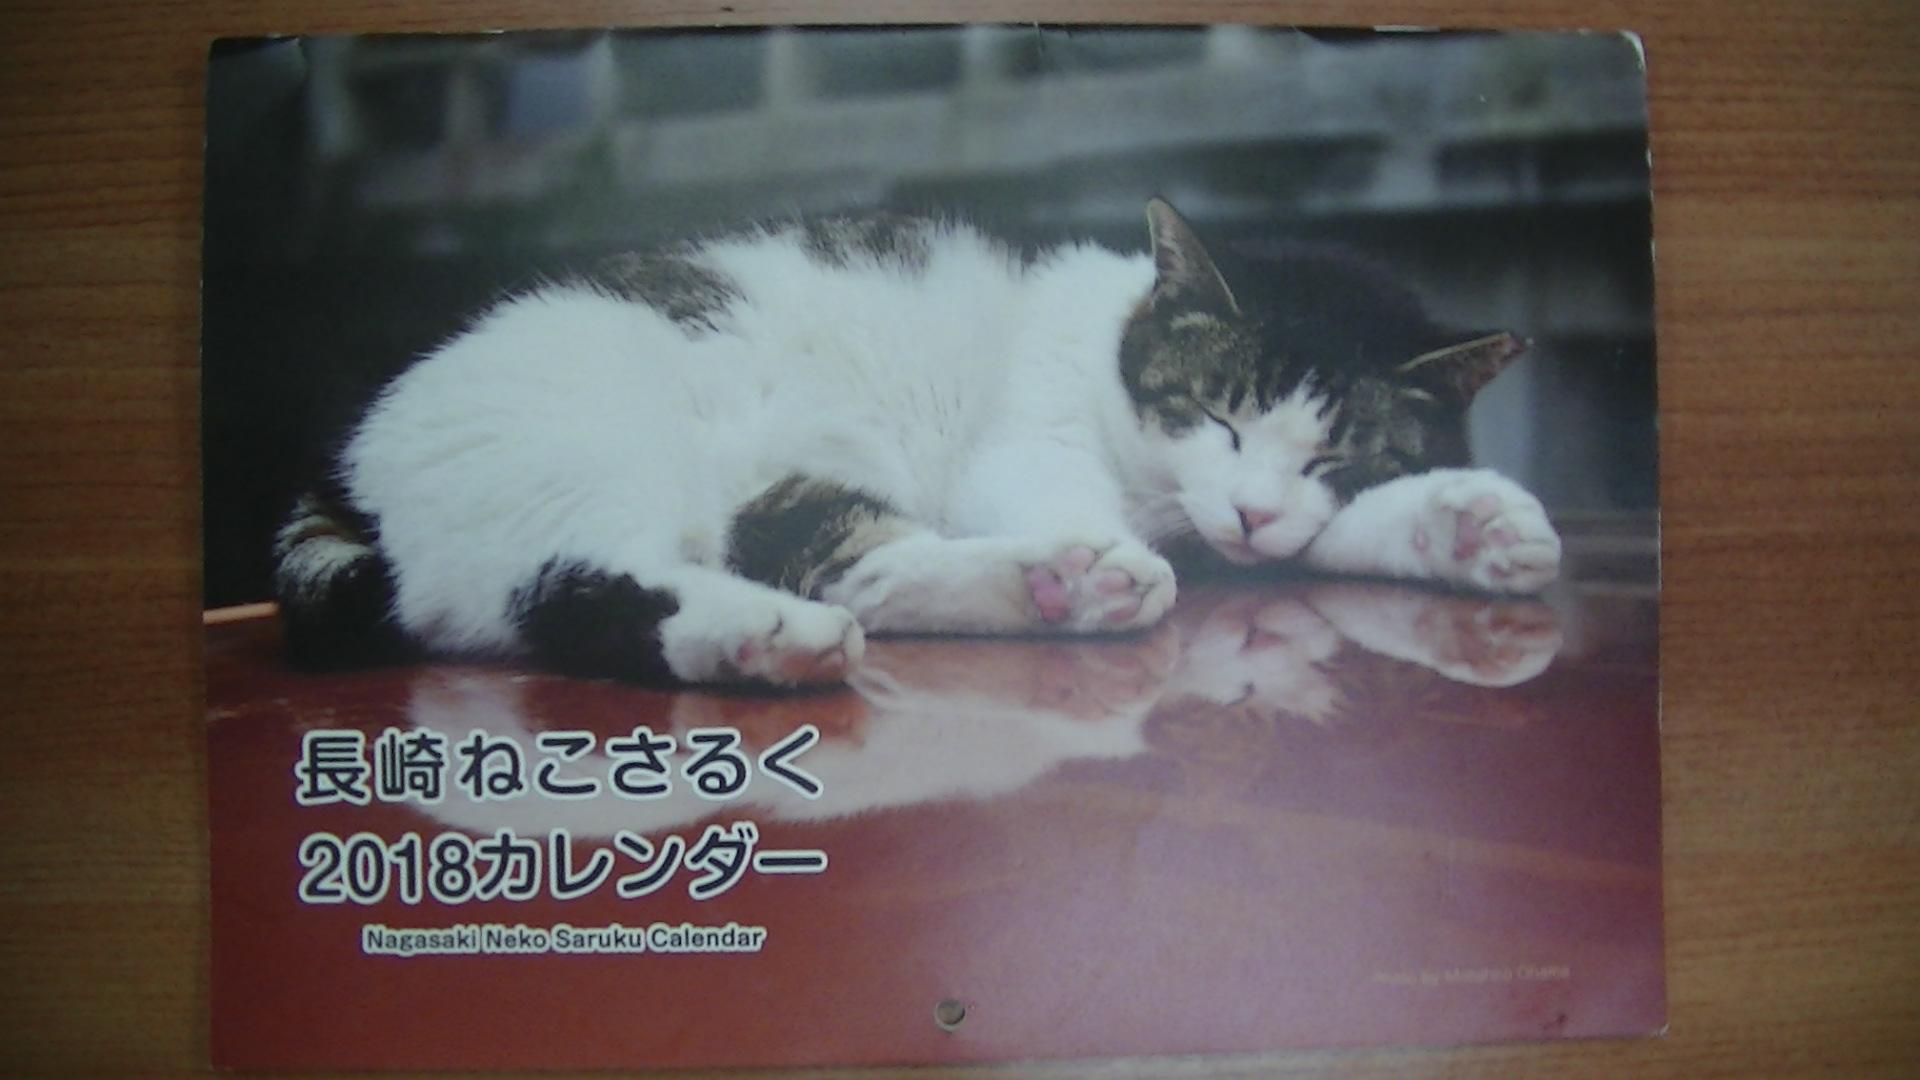 長崎ねこさるくカレンダー